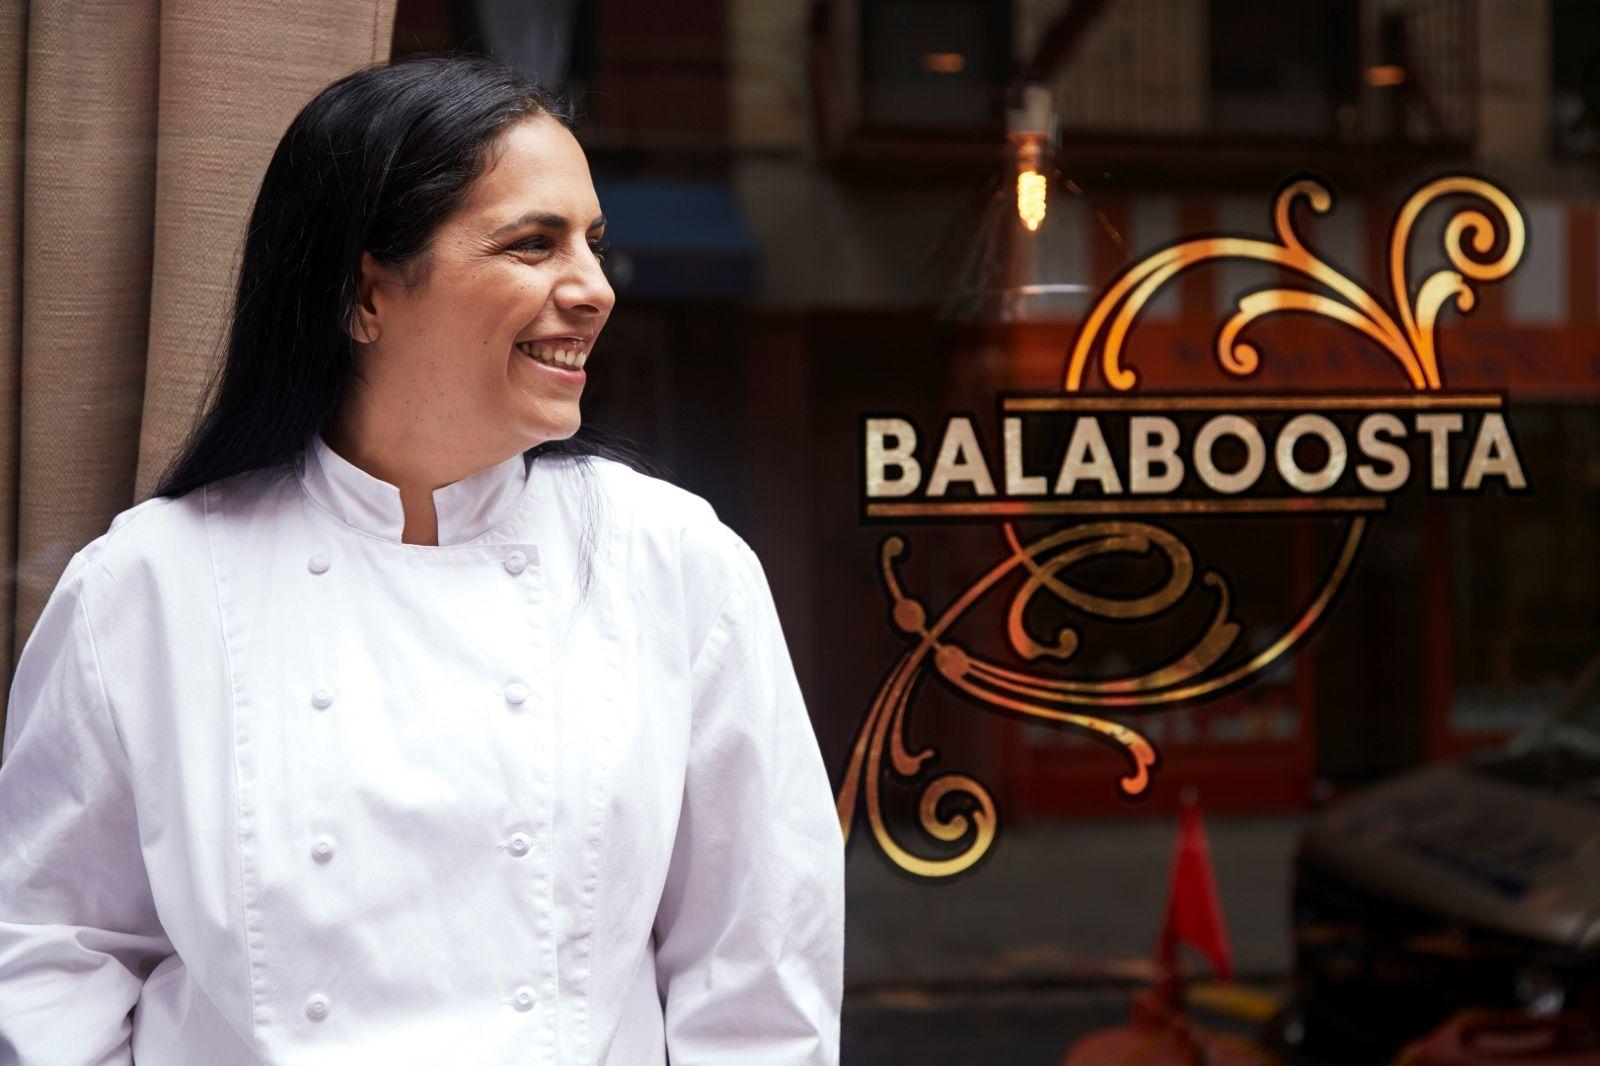 Chef Admony outside her Manhattan restaurant Balaboosta. Photo via Zagat